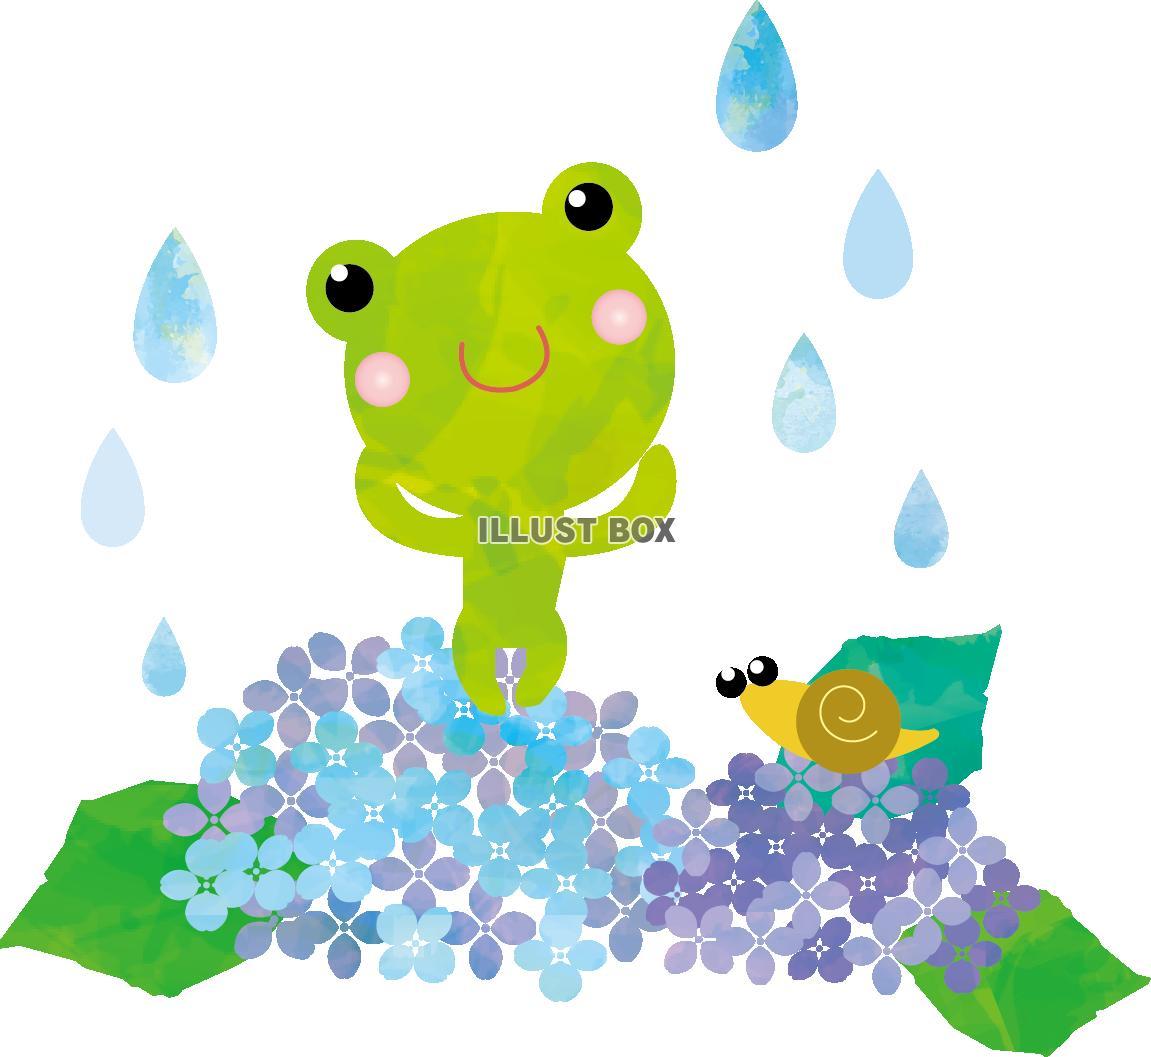 無料イラスト かえる 梅雨 あじさい イラスト 花 雨 水彩 シンプル か